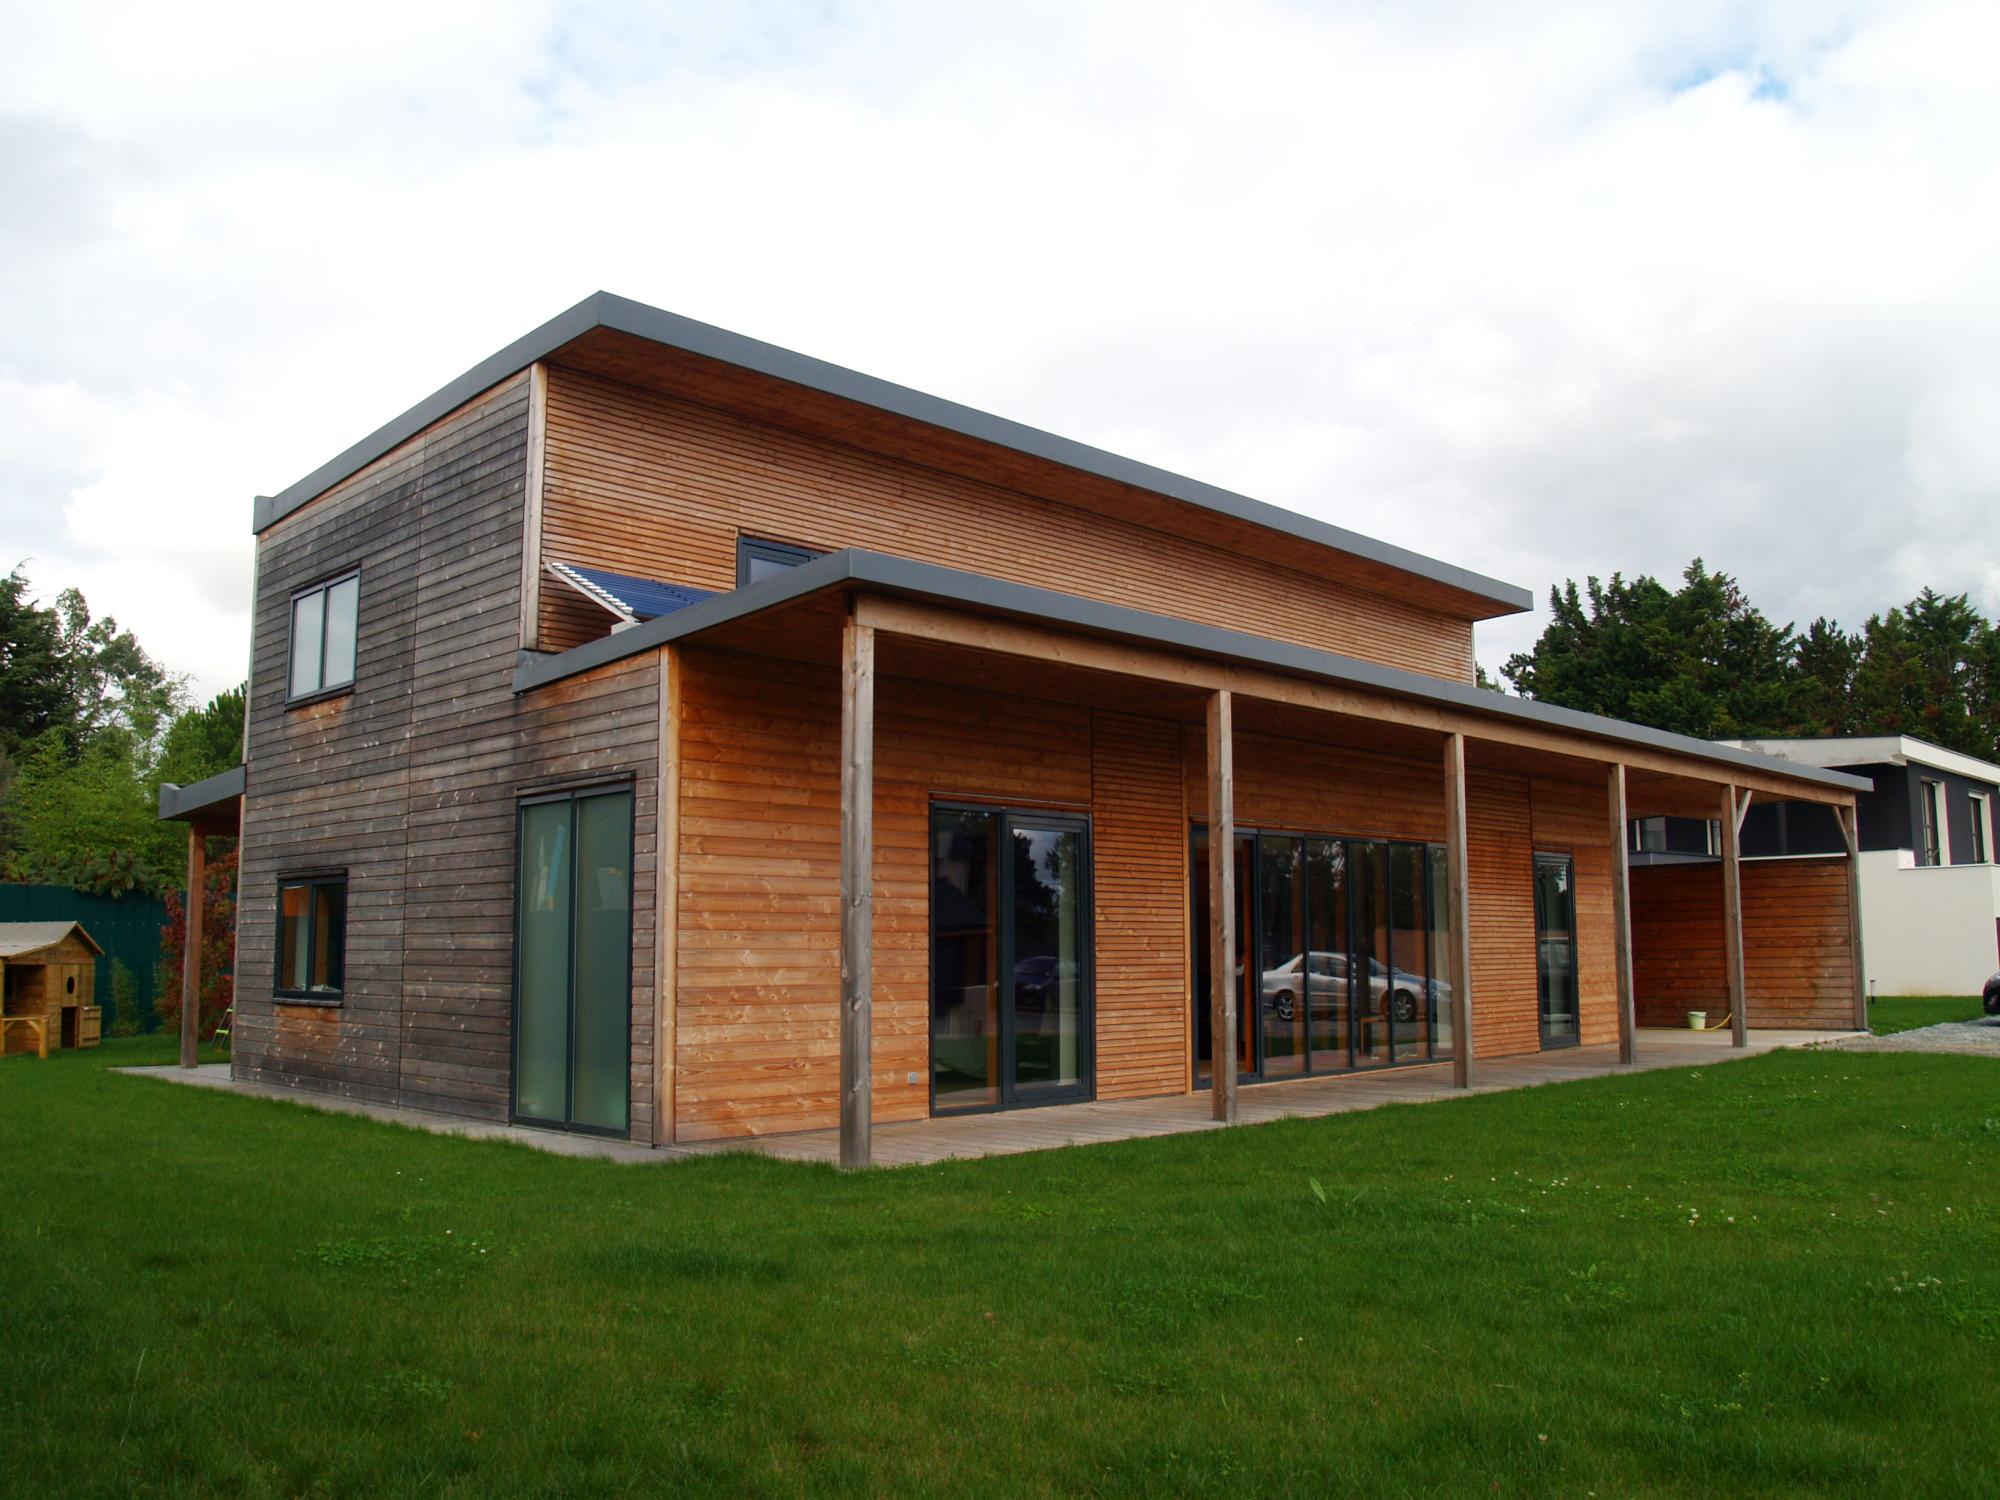 habitation bioclimatique bbc 2010 nc atelier architecture verte. Black Bedroom Furniture Sets. Home Design Ideas